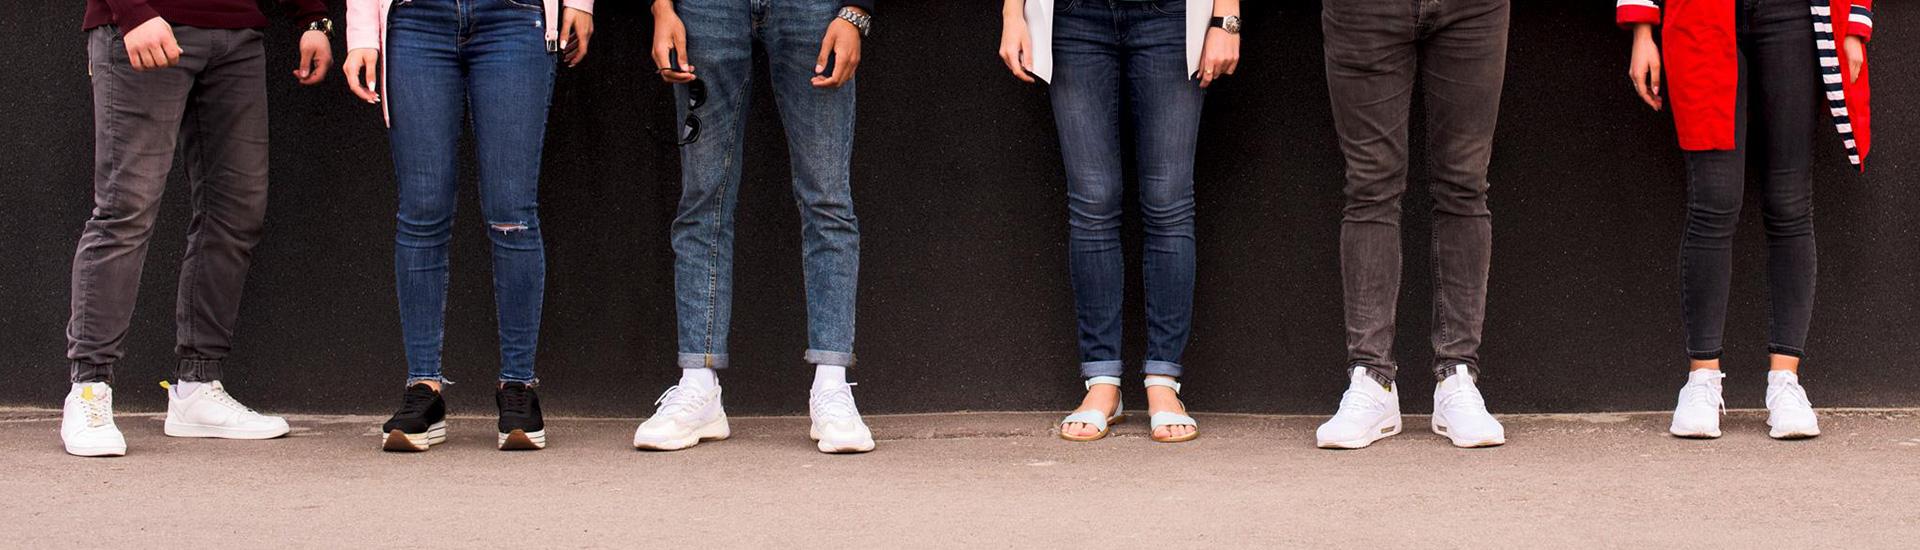 De inchaços a desmaios, ficar em pé pode causar problemas à saúde